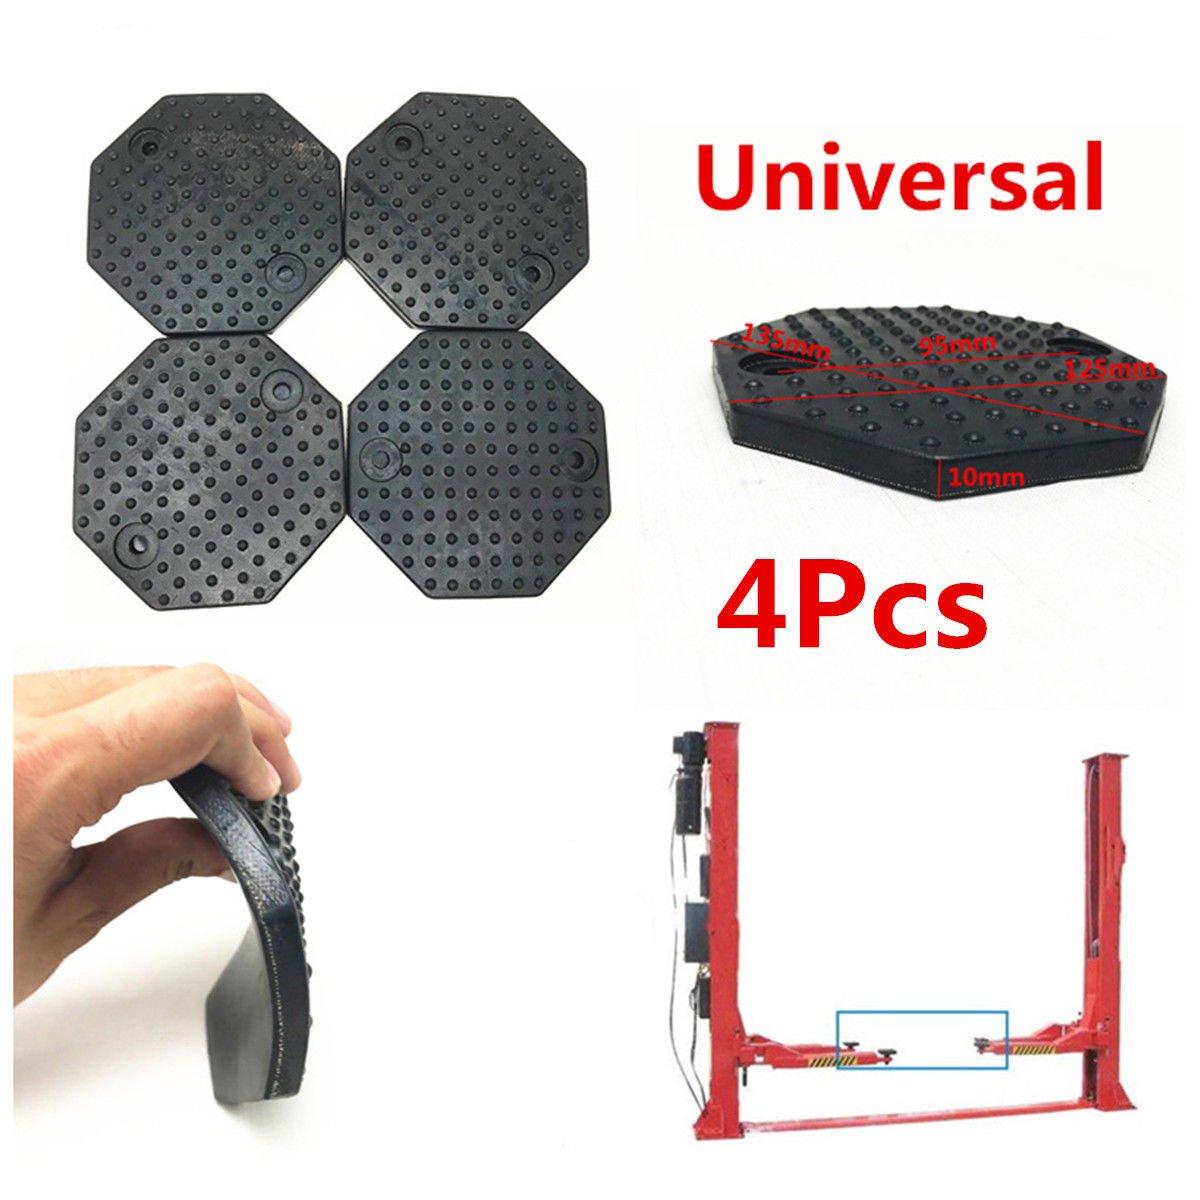 FidgetFidget Rubber Arm Pads 4Pcs Octagon 135x10mm Car Lift Accessories for Auto Truck Hoist